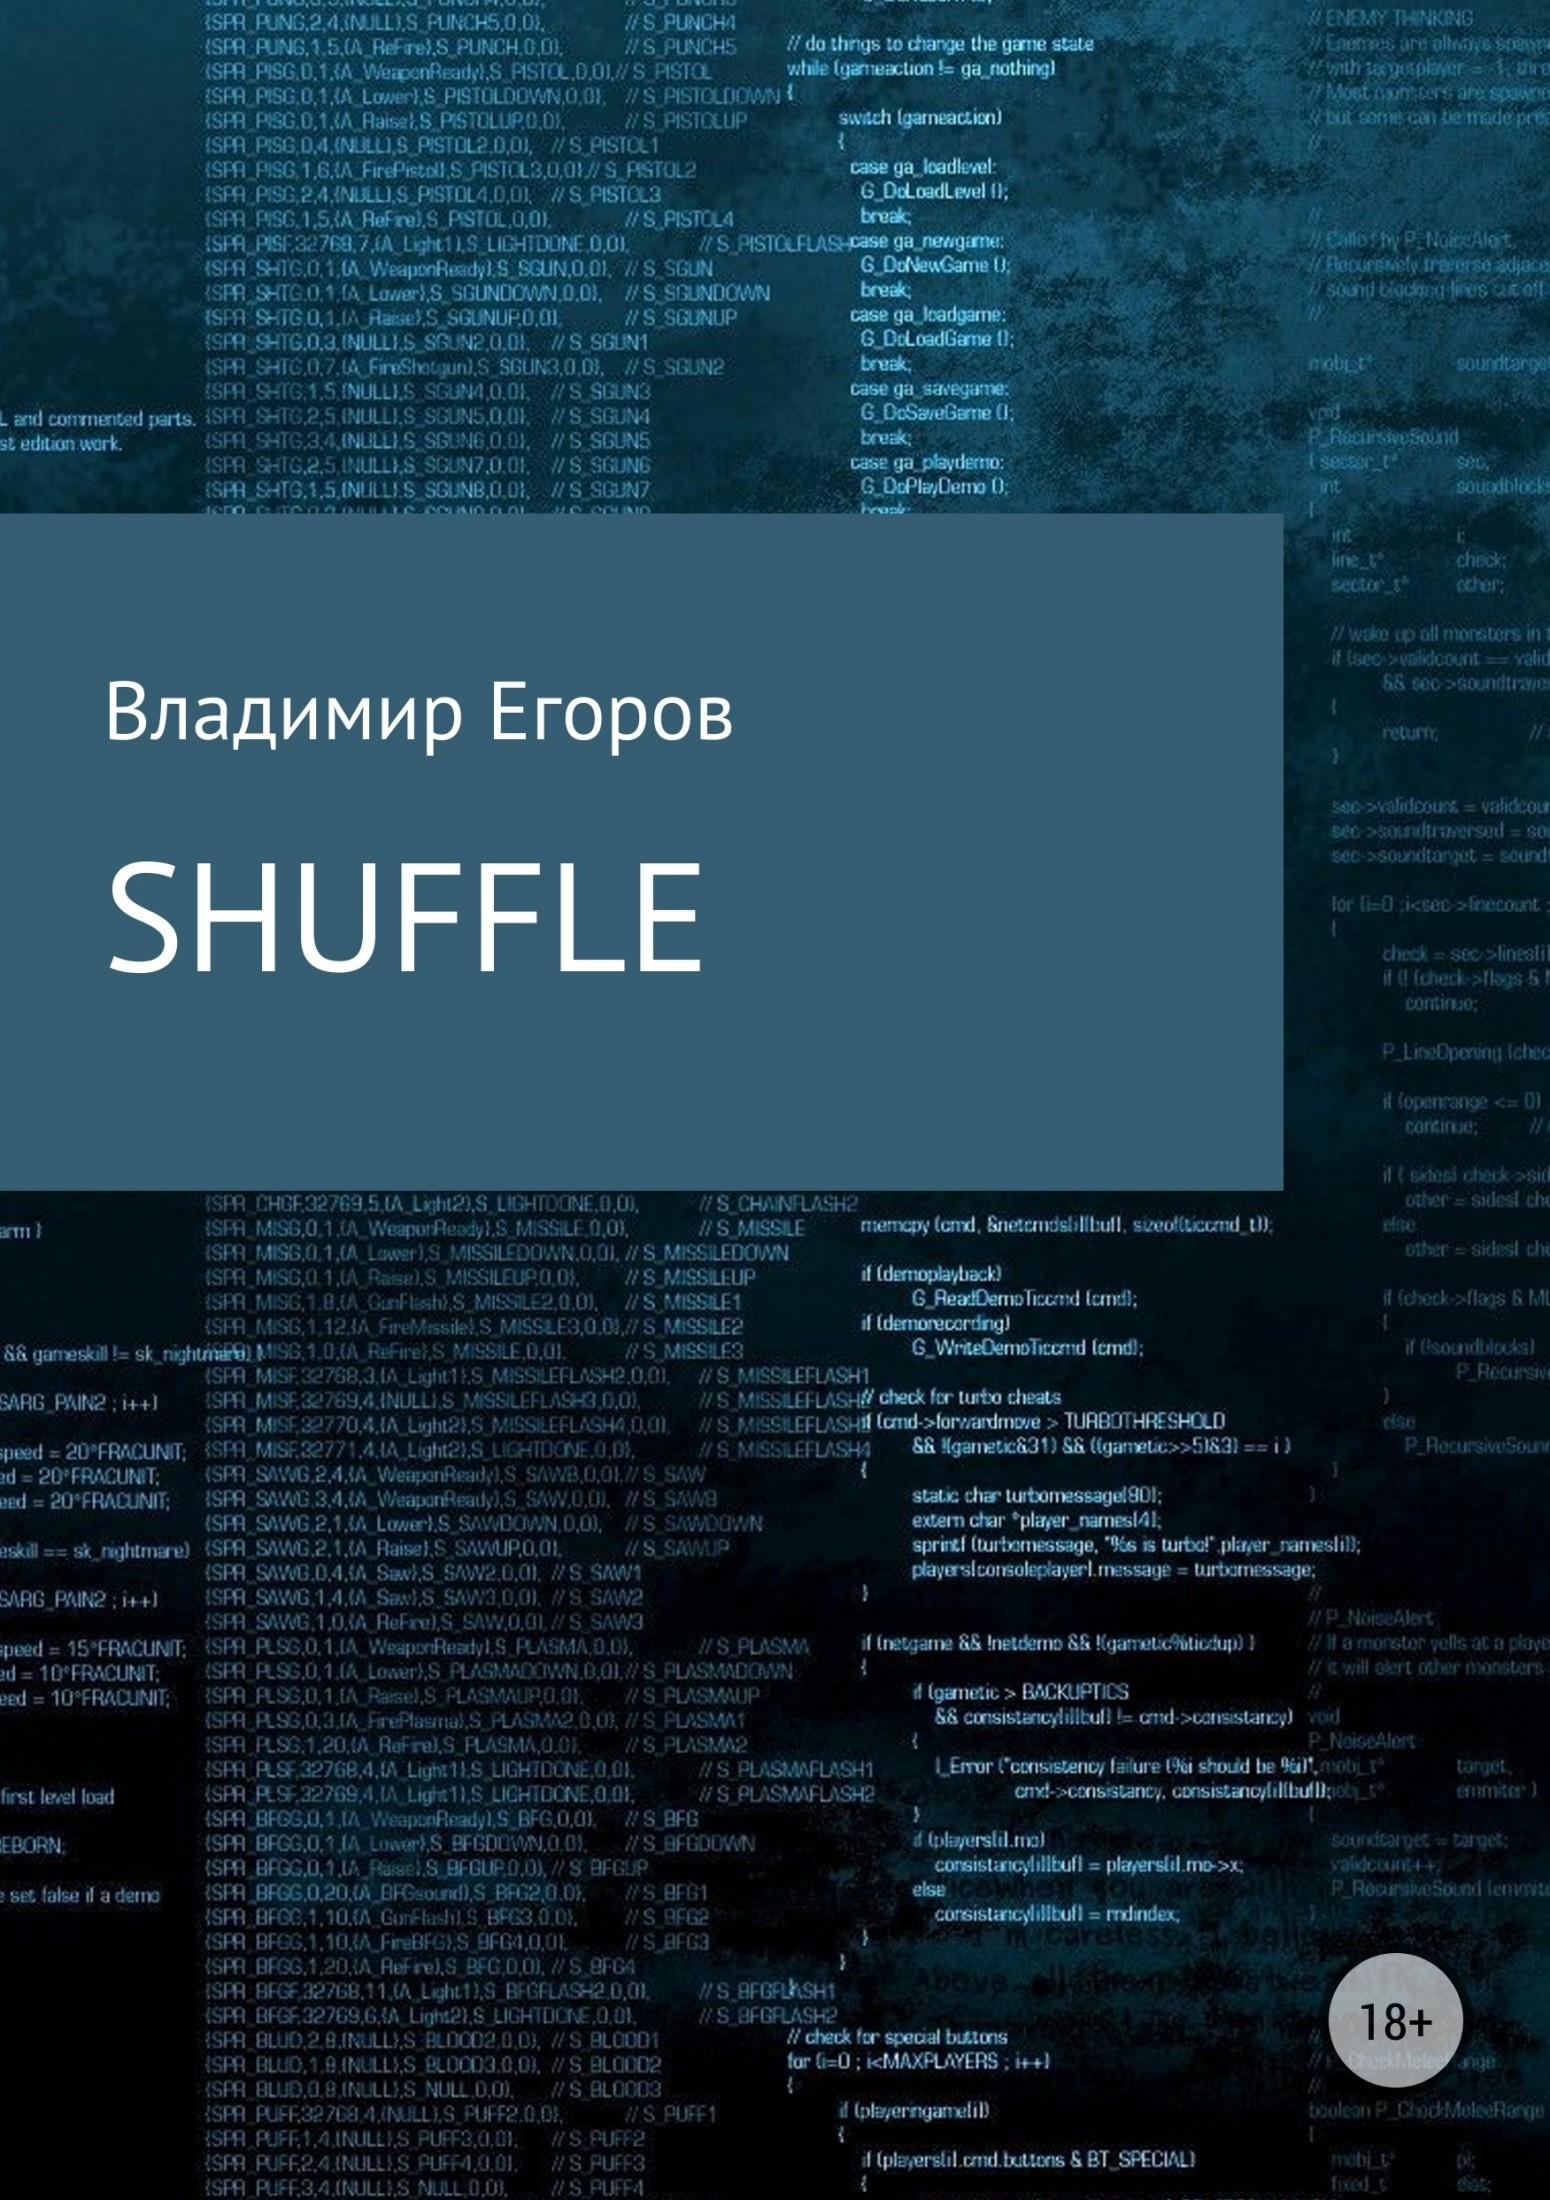 Shuffle/